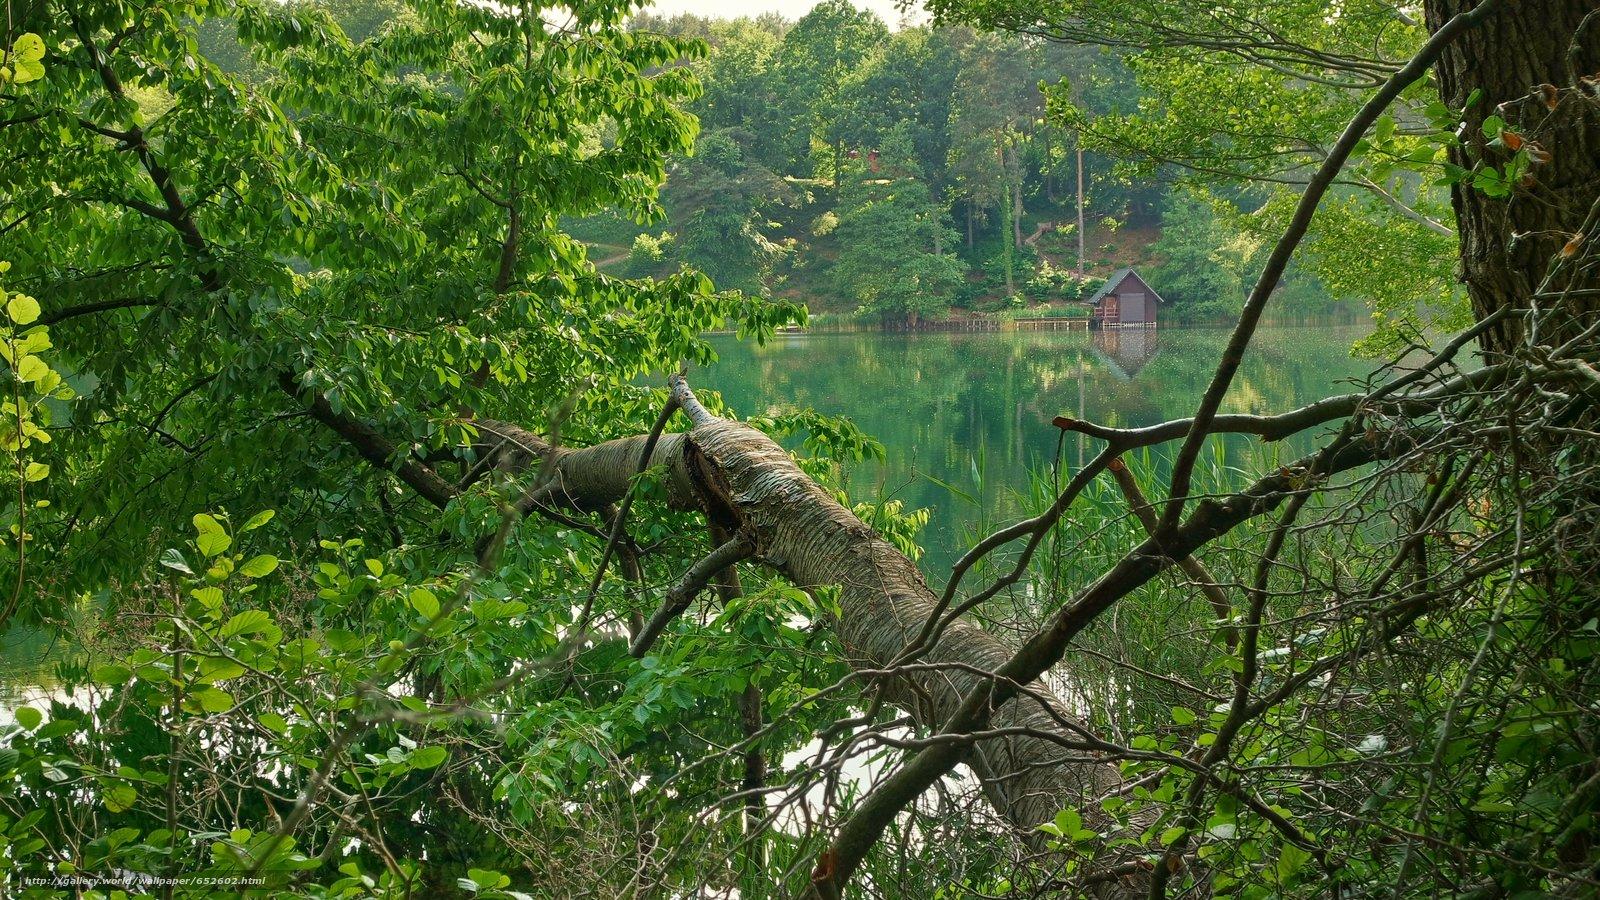 Скачать обои озеро,  деревья,  домик,  пейзаж бесплатно для рабочего стола в разрешении 5090x2863 — картинка №652602